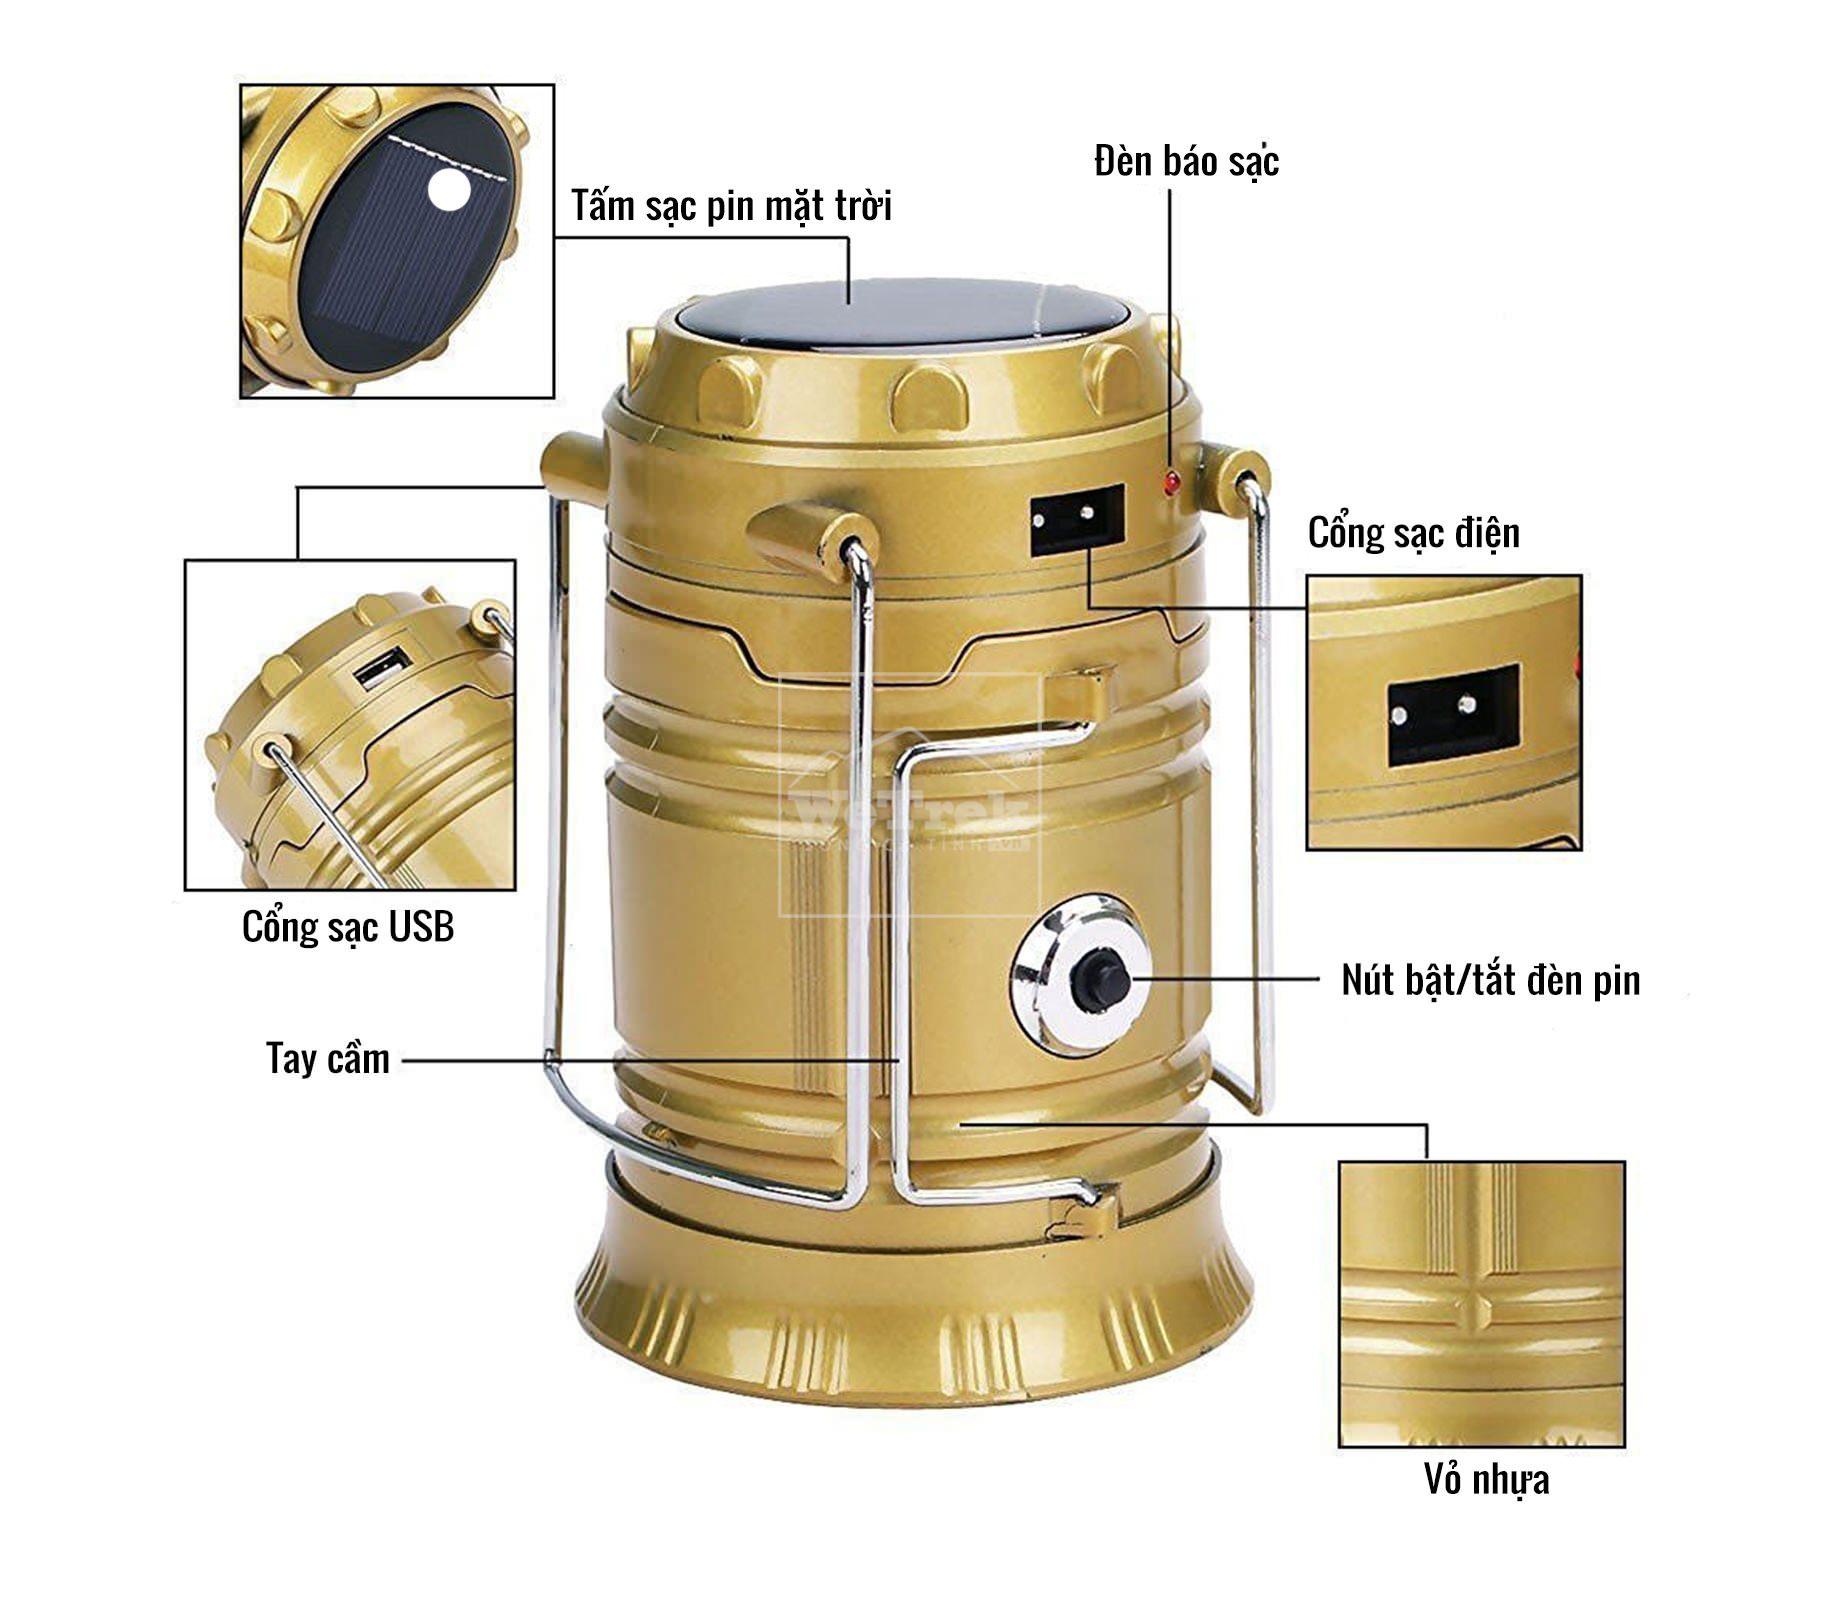 den-leu-1w-6-led-rechargeable-camping-lantern-sh-5900t-wetrek.vn-4